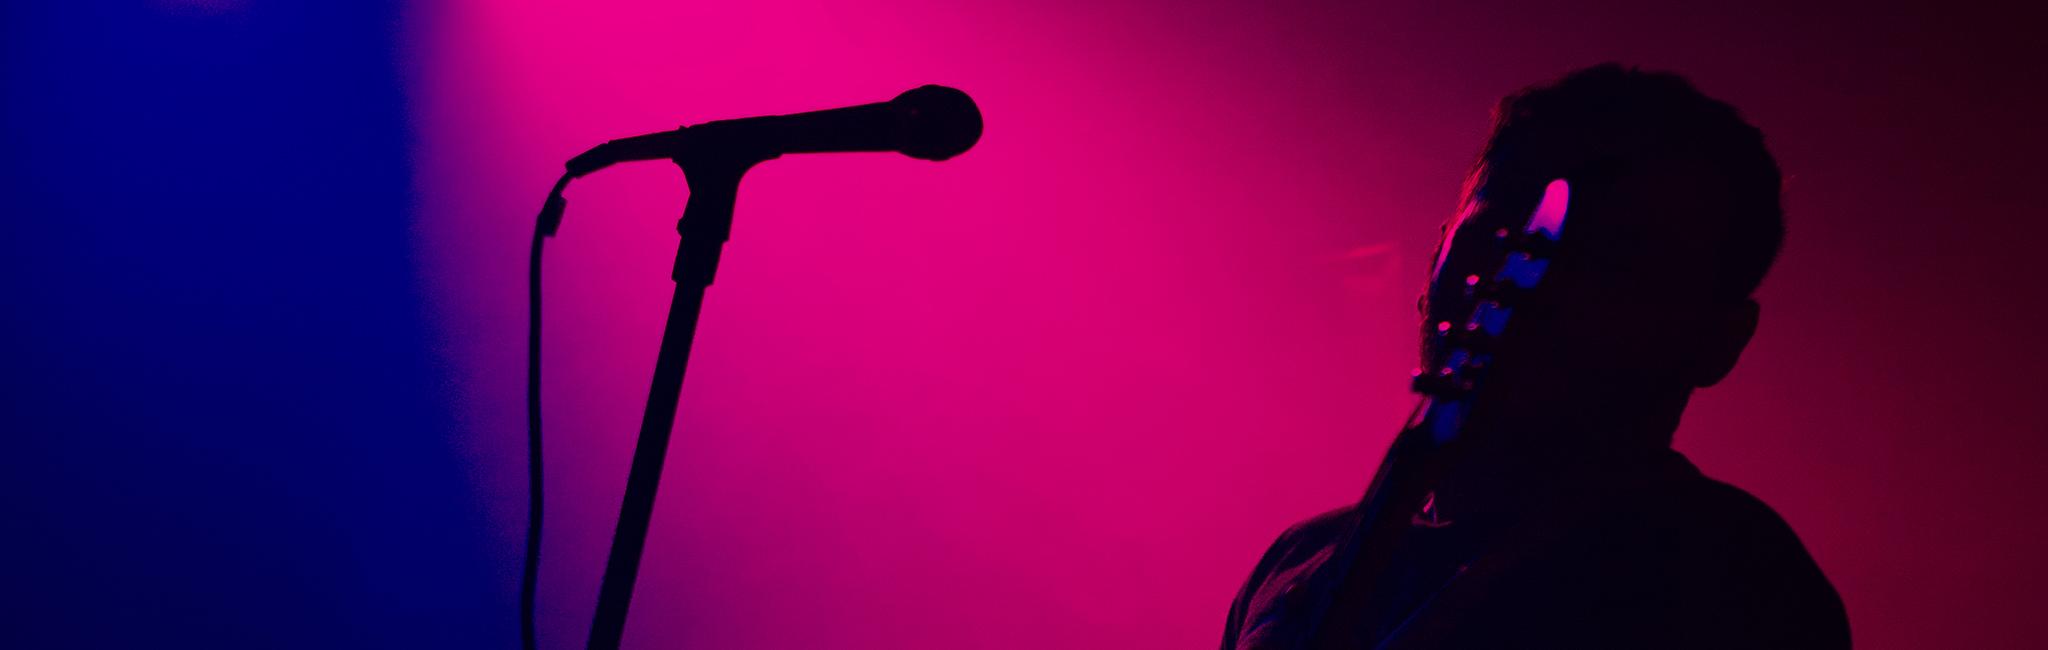 concert chanteur guitariste atla